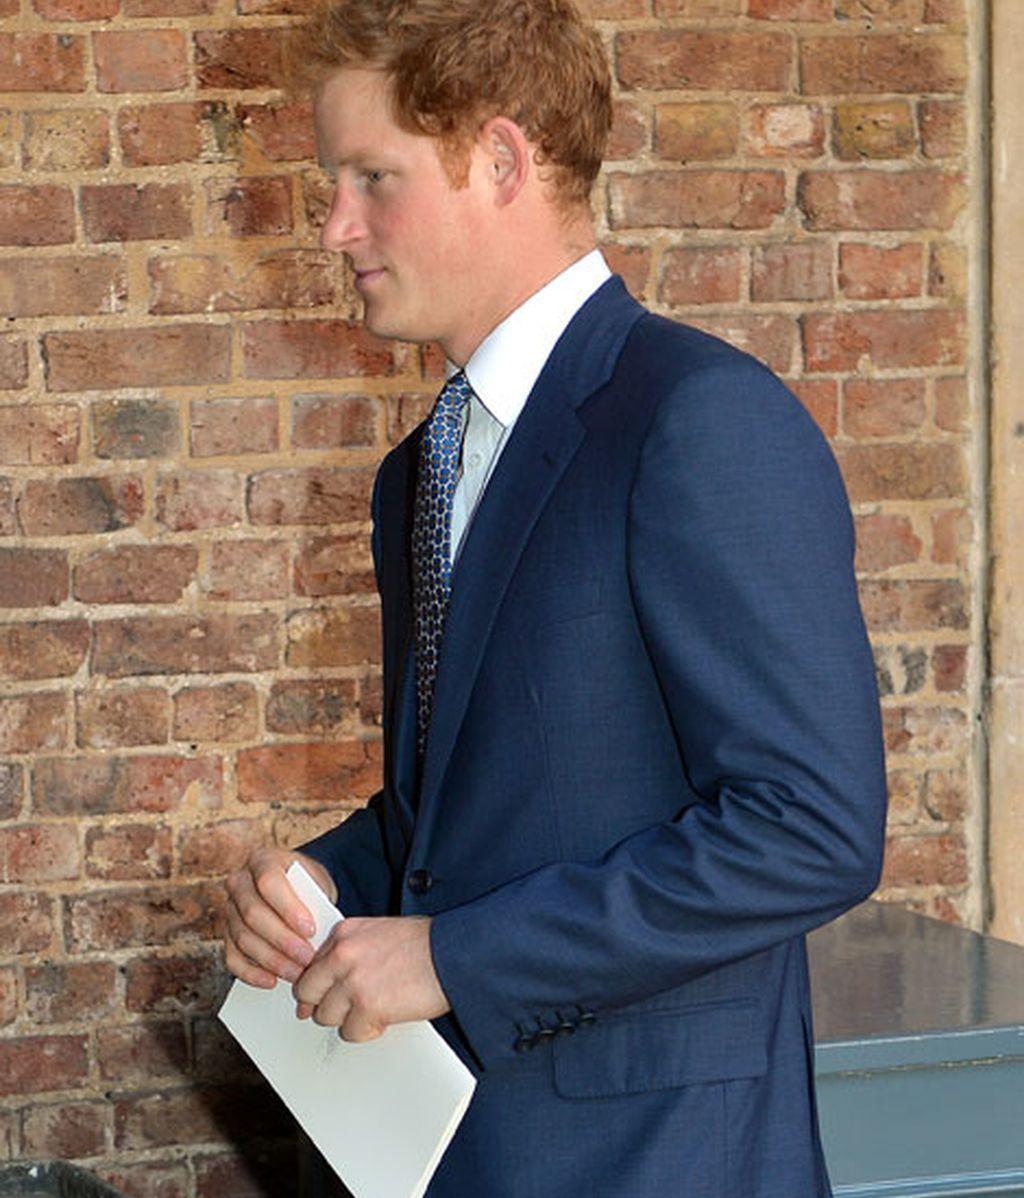 El príncipe Harry también se decantó por el azul marino